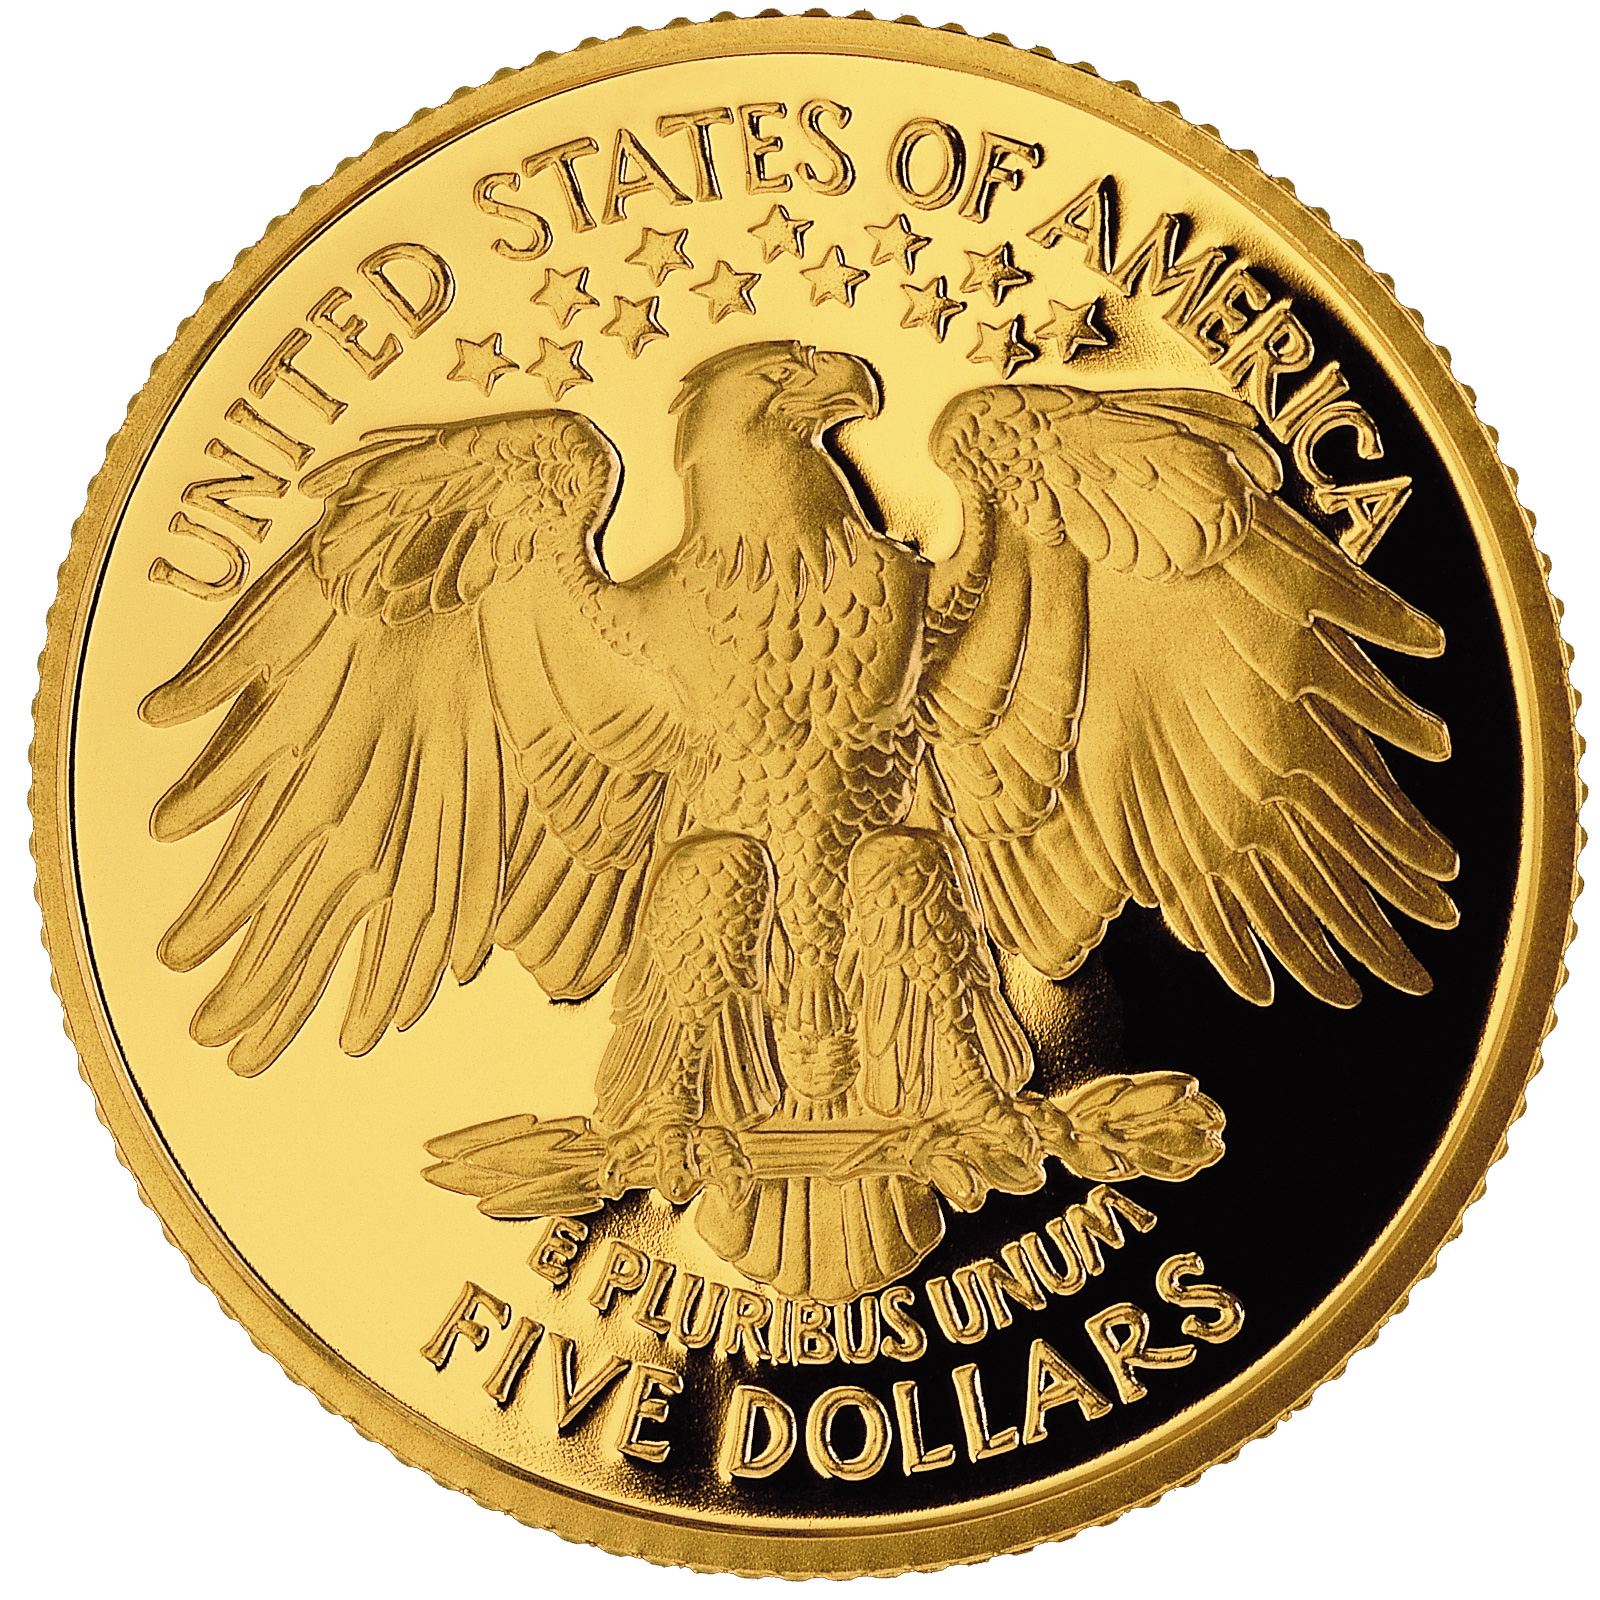 Pictures of usa coins Ecuadorian centavo coins - Wikipedia